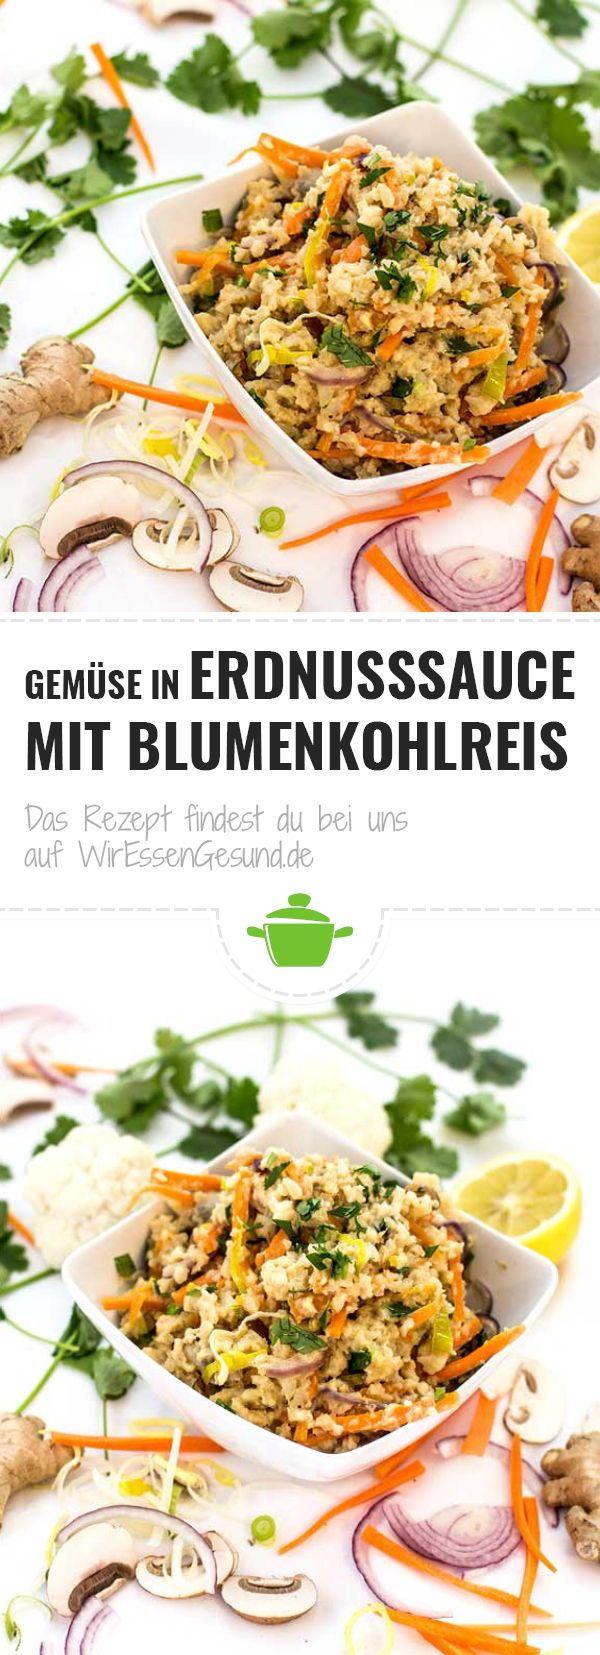 Photo of Vegetables in peanut sauce with cauliflower rice – WirEssenGesund